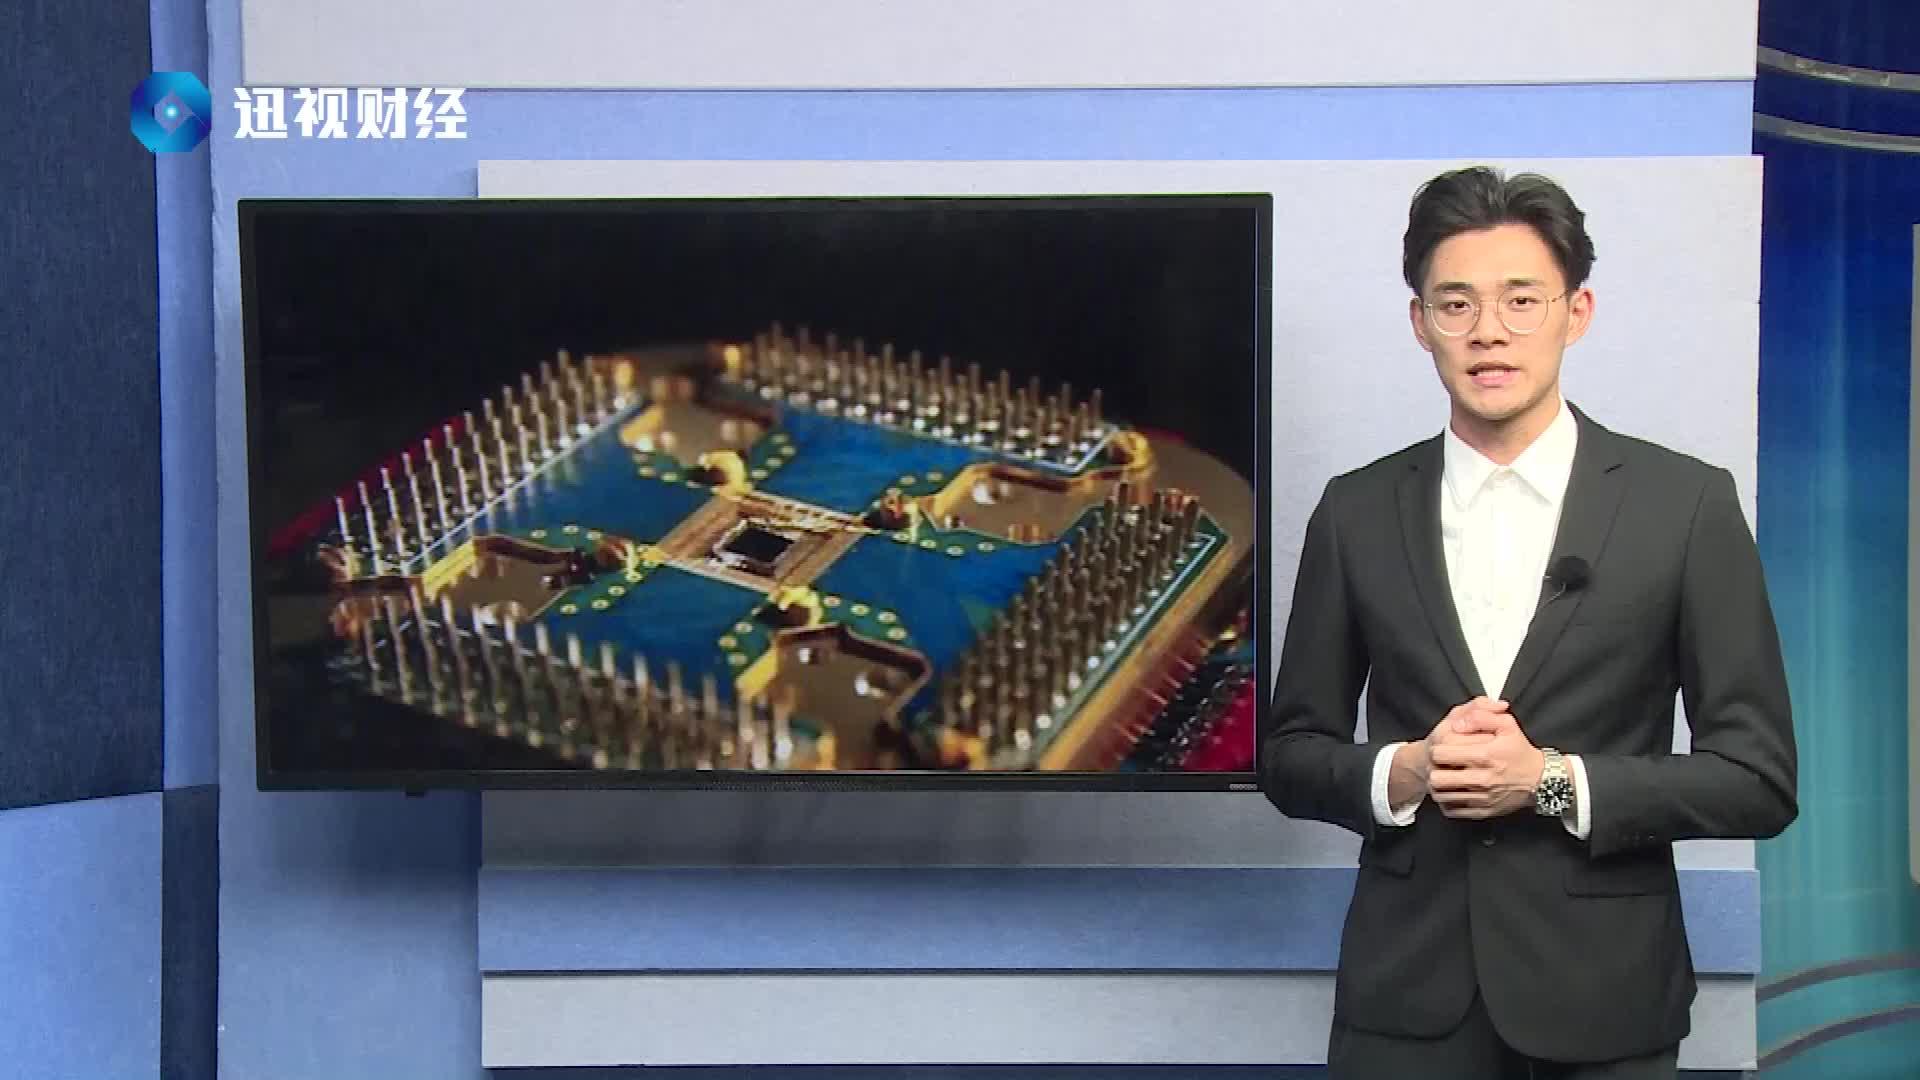 中国量子芯片重大突破!美国科技不再独领全球,量子手机或将实现